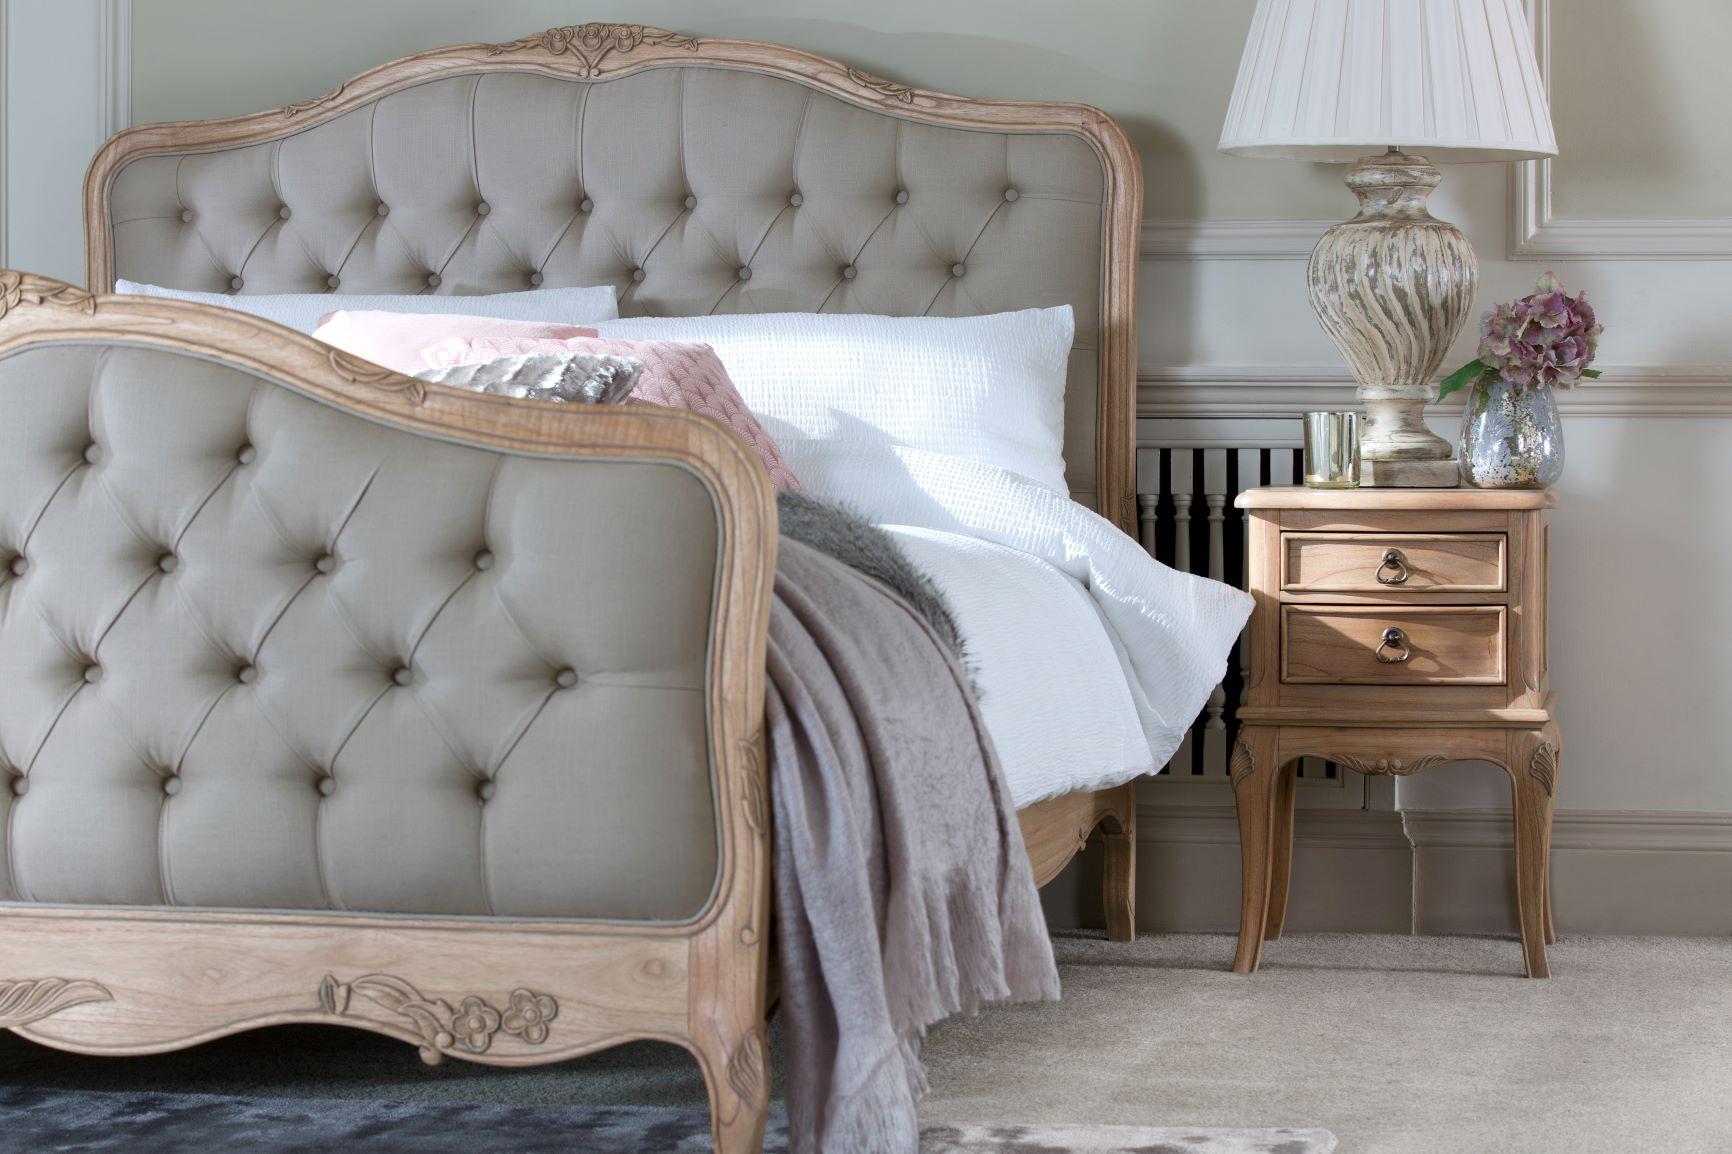 CLAREMONT BEDSIDE ROOM SETTING